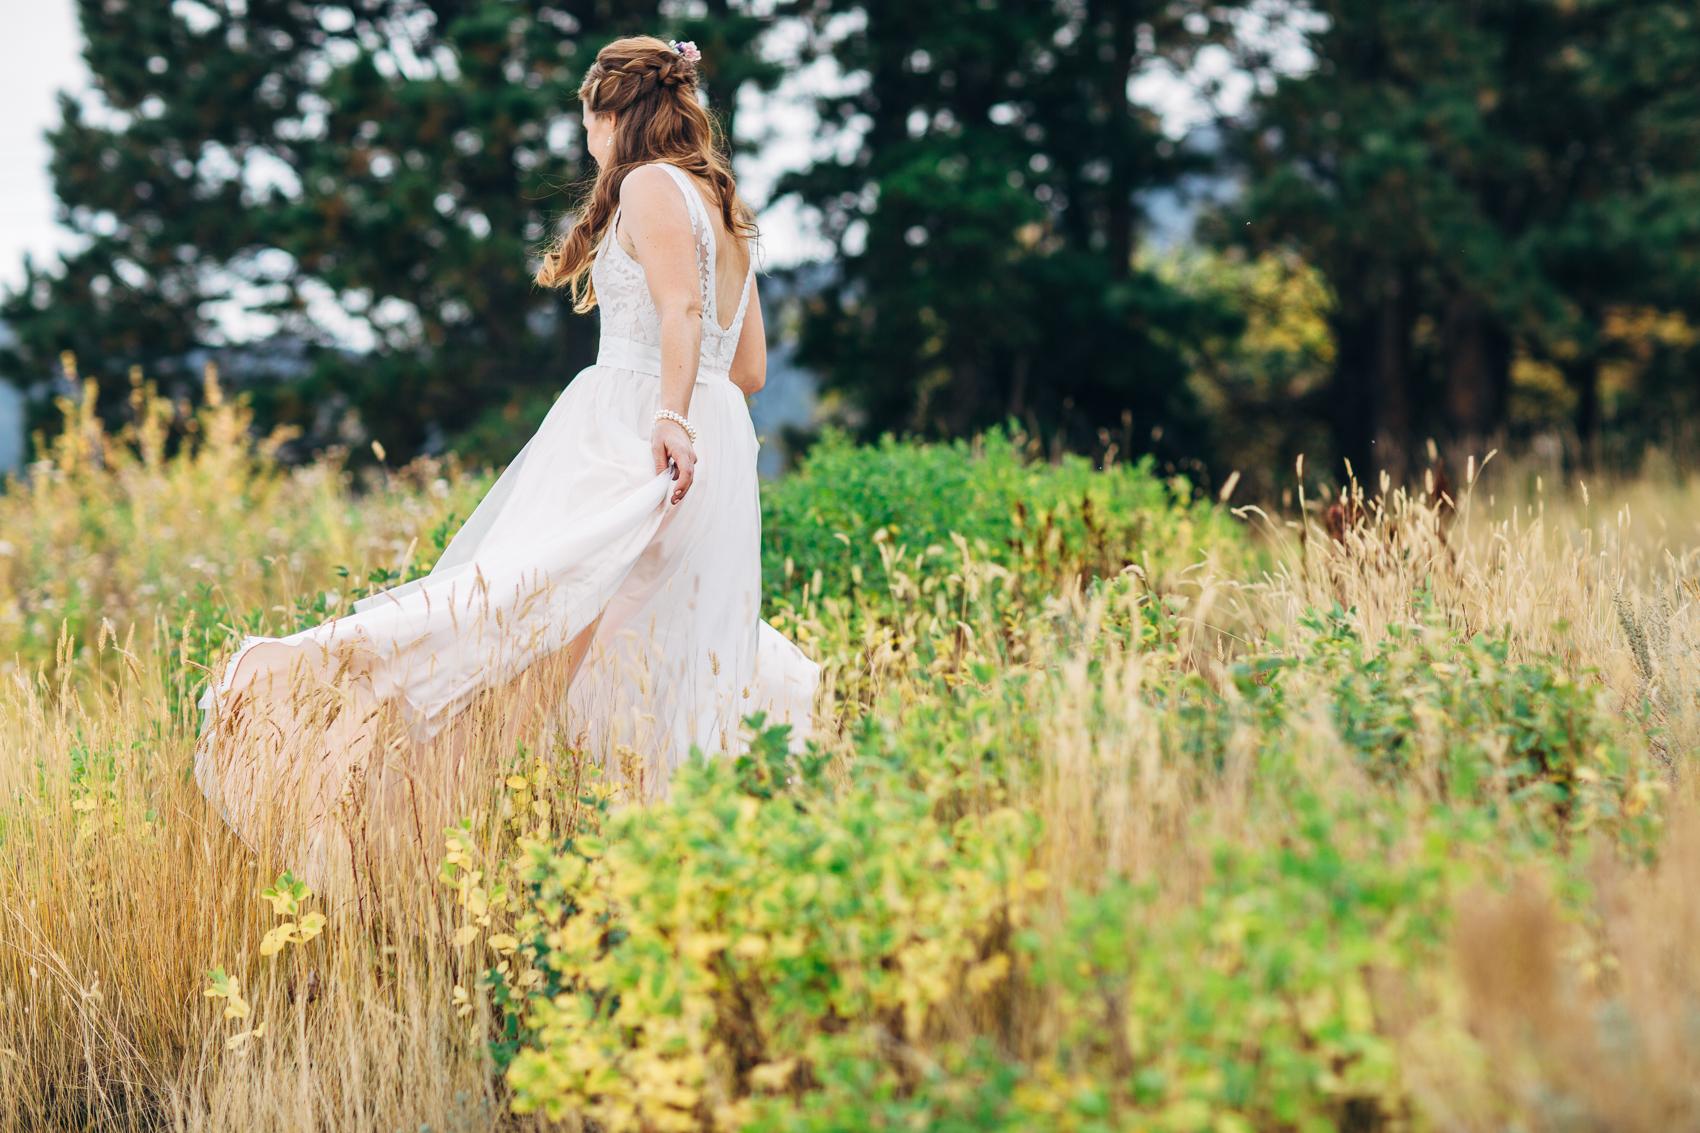 weddings-fth-12.jpg